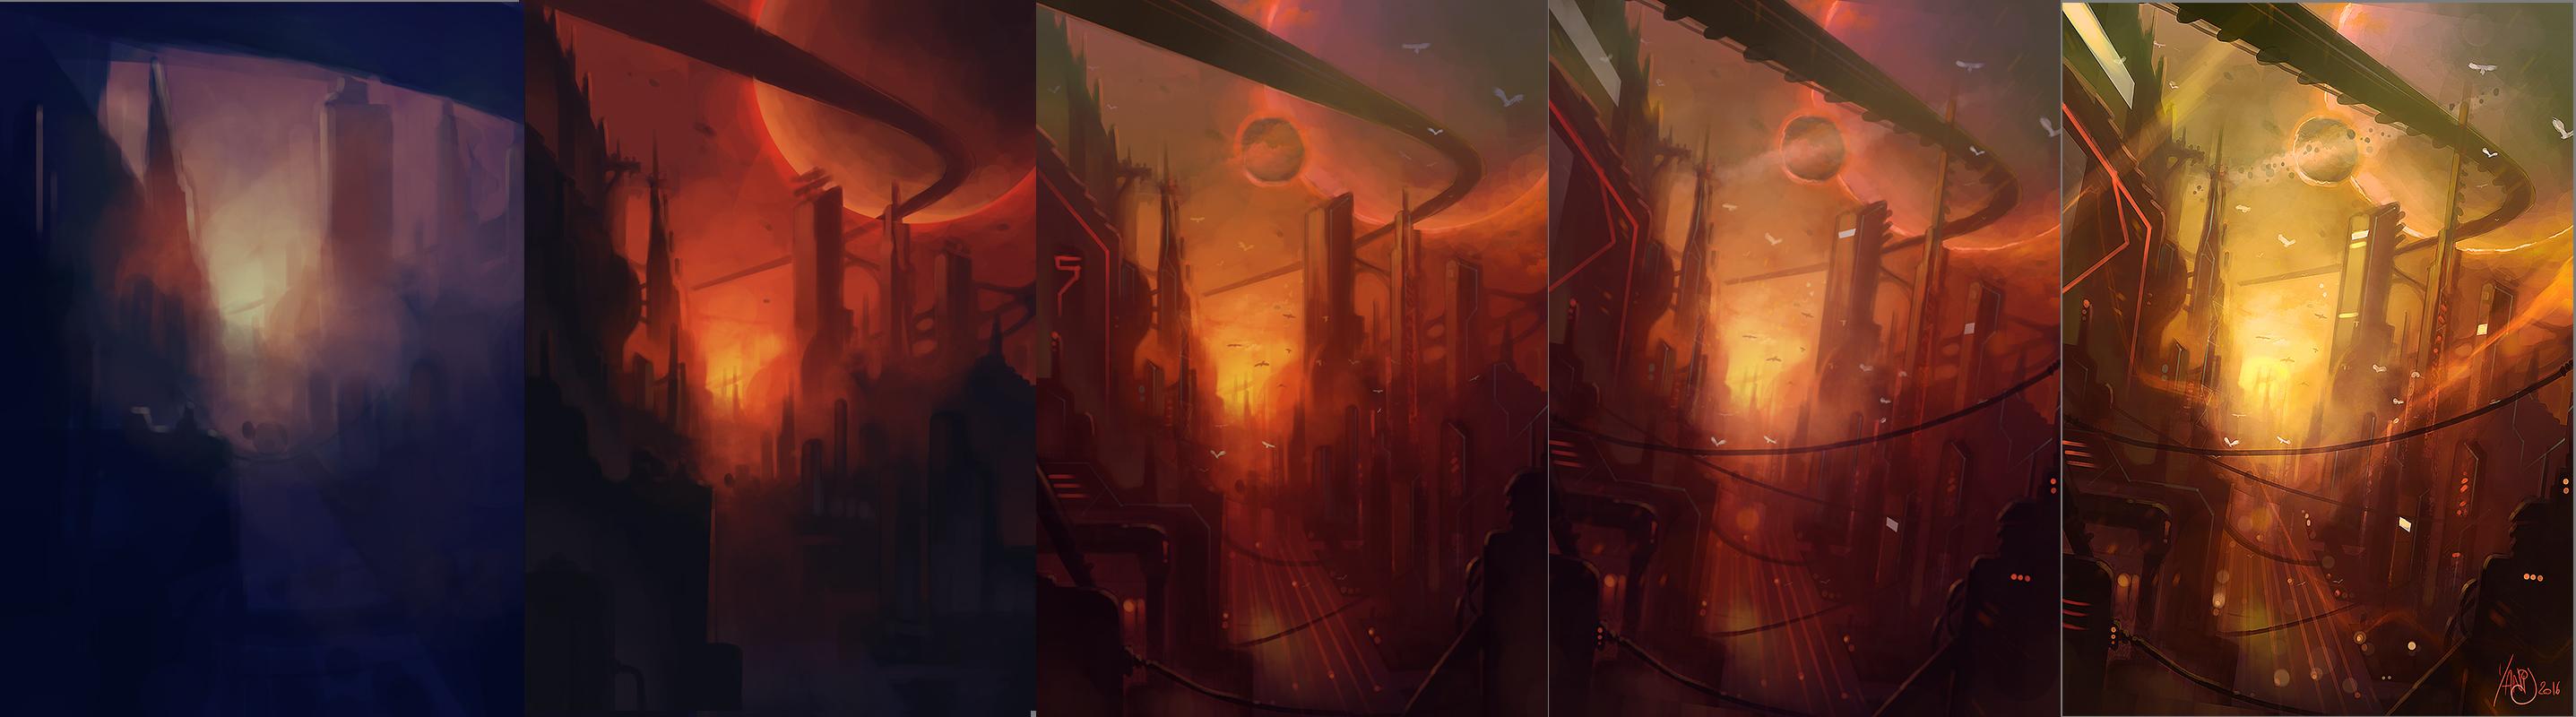 Digital painting de Traaw : Digit en vrac - Page 7 E88529d058c36f59427694c07c6727c9-d9peeqi